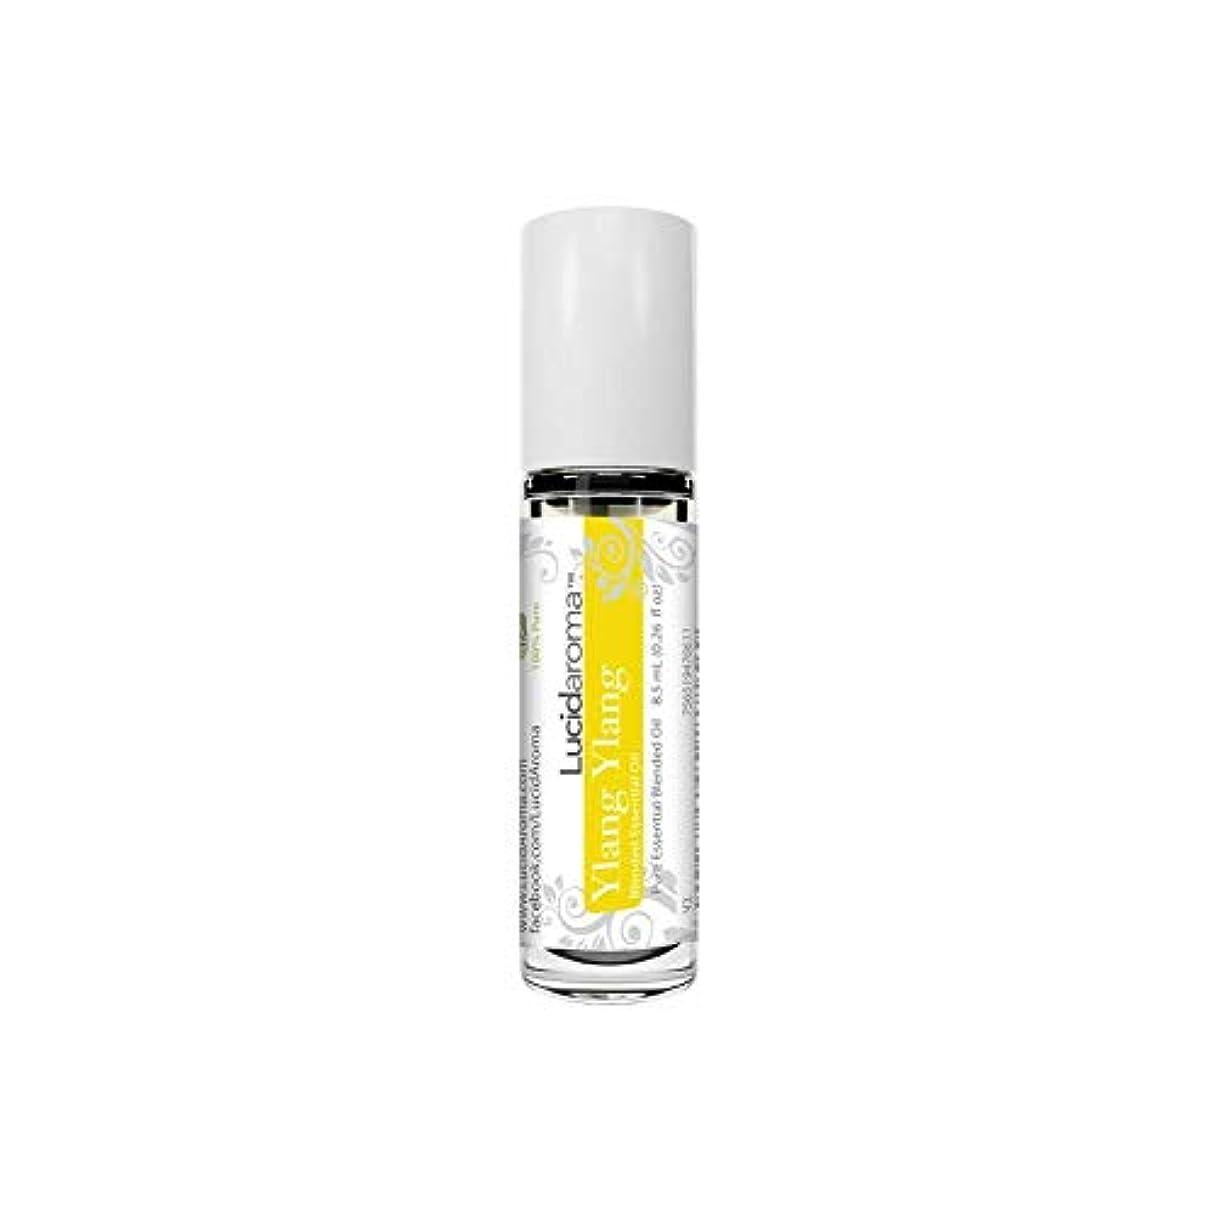 バンジージャンプ包帯鬼ごっこLucid Aroma Ylang Ylang イランイラン ロールオン アロマオイル 8.5mL (塗るアロマ) 100%天然 携帯便利 ラックス アメリカ製